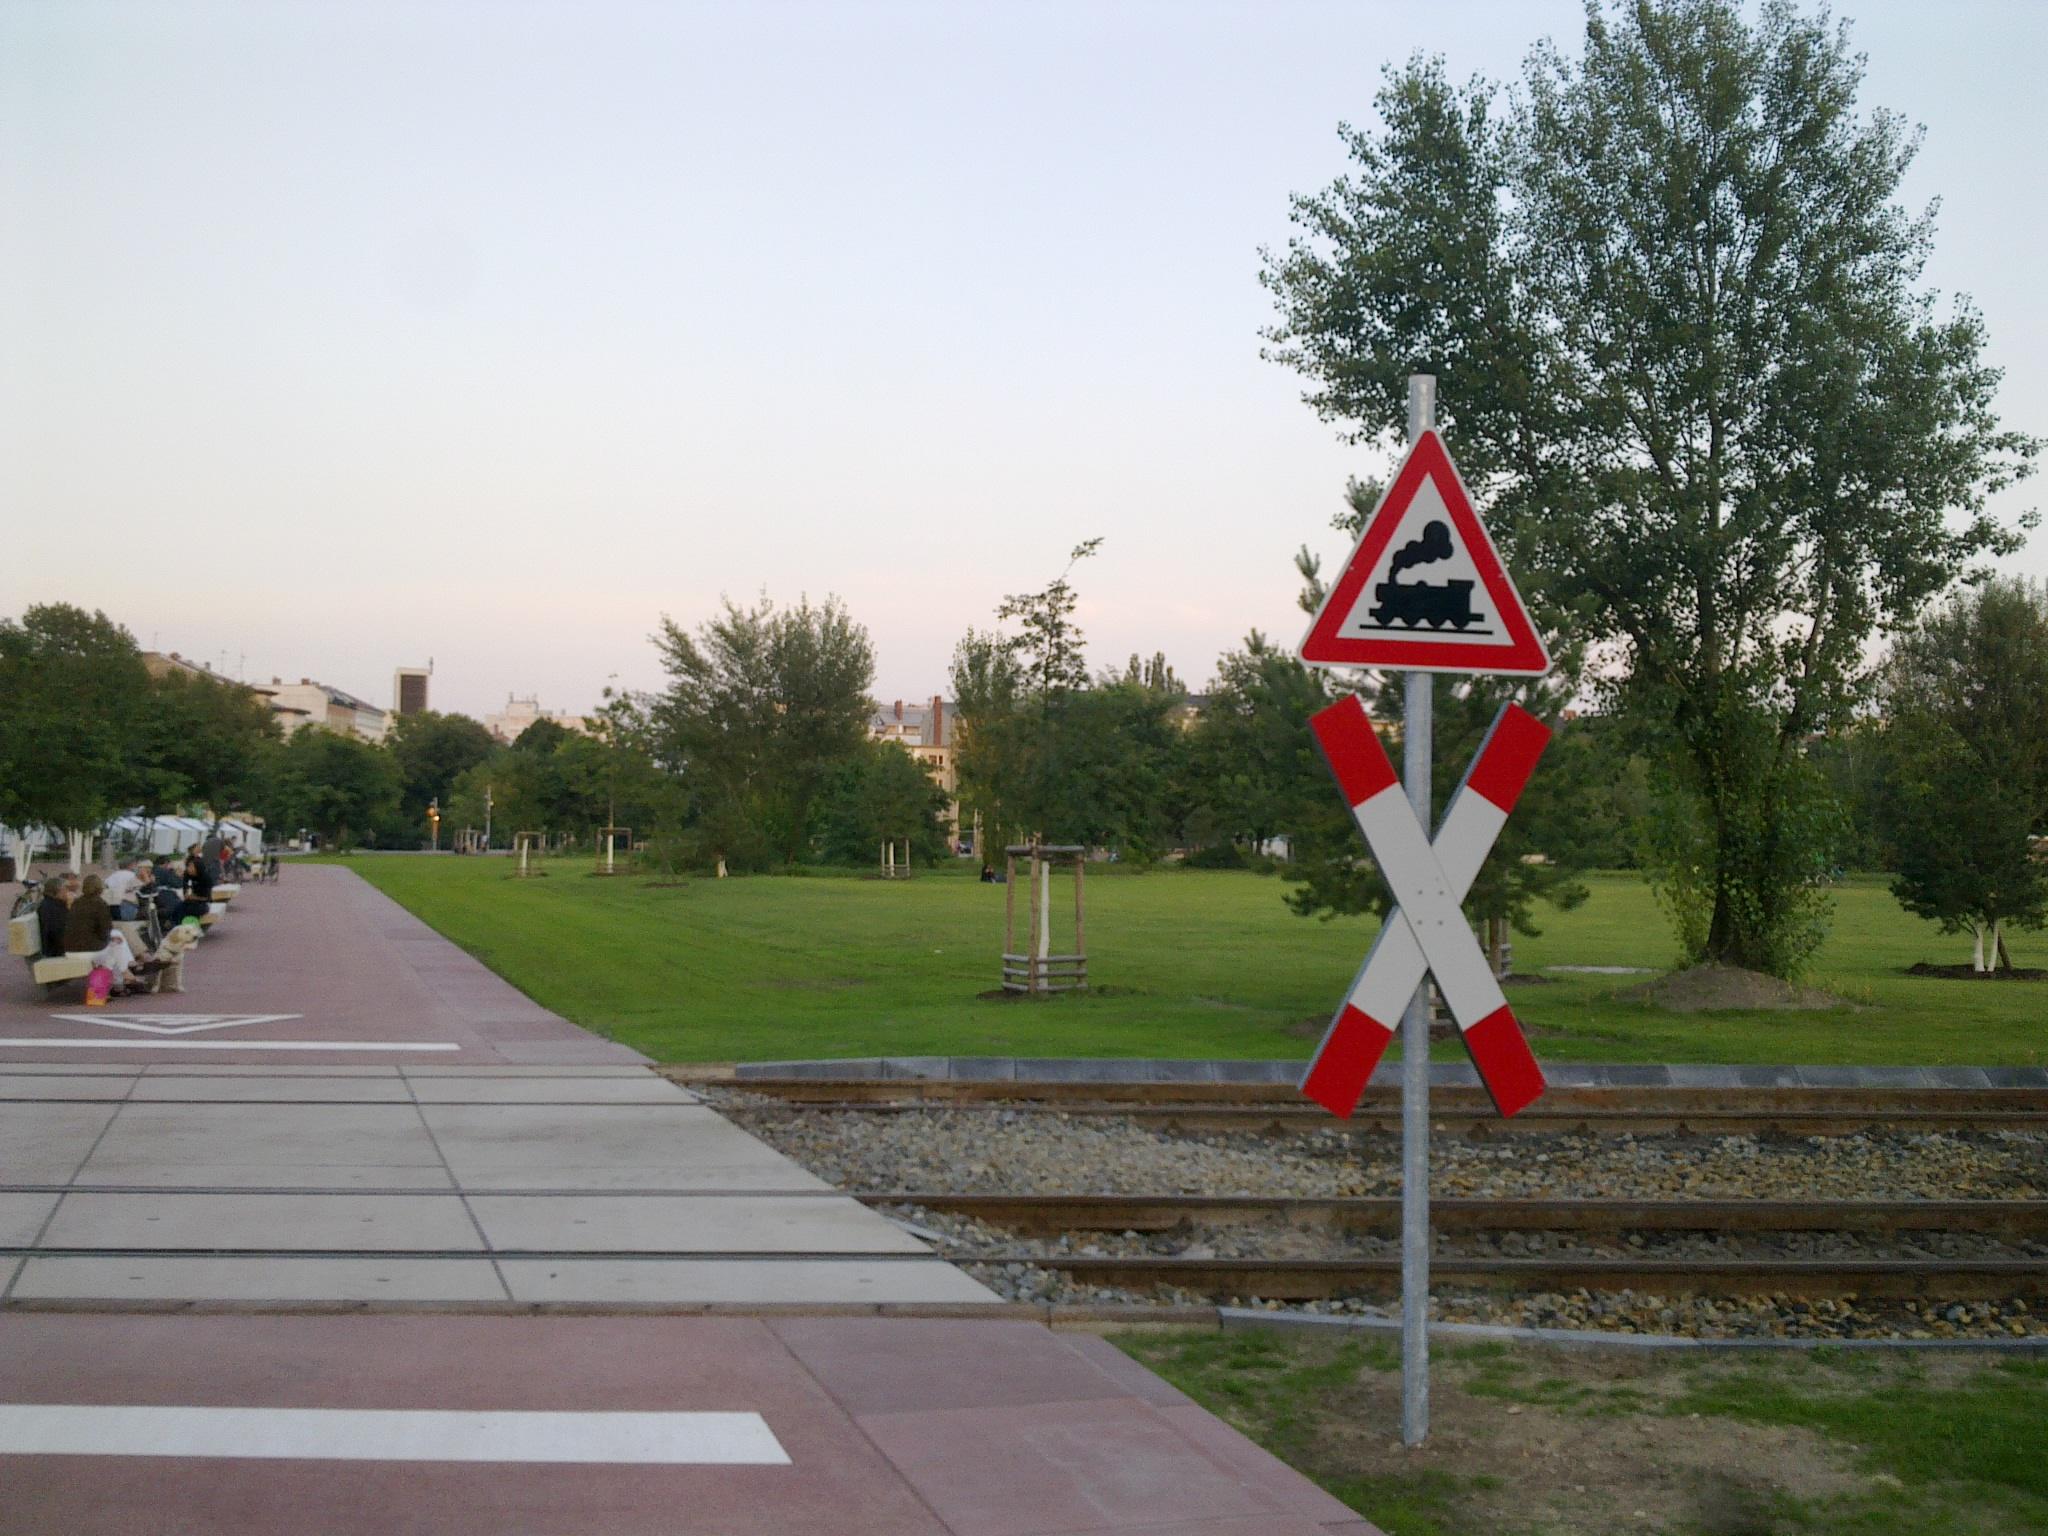 020920111210.jpg